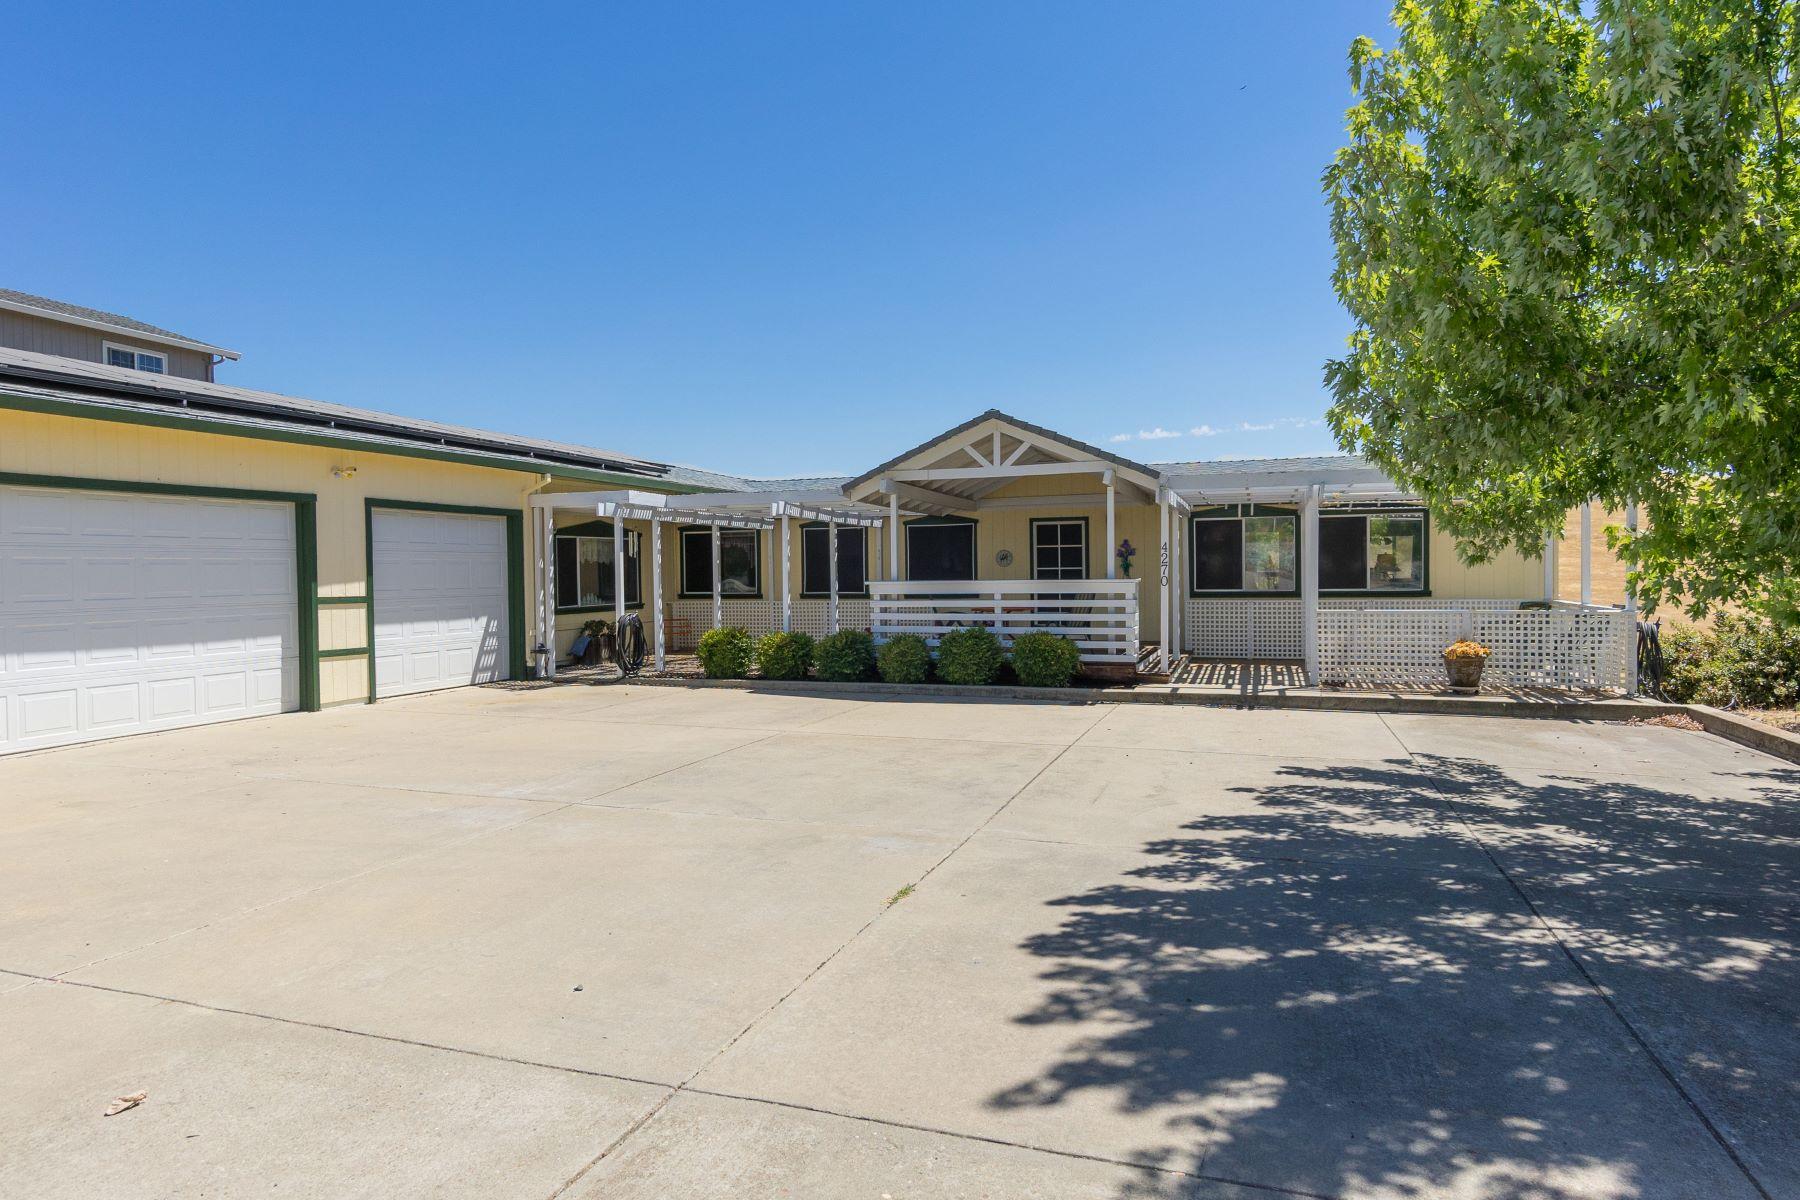 Частный односемейный дом для того Продажа на Charming Home with Beautiful Camanche Lake Views 4270 Lakeview Drive Ione, Калифорния 95640 Соединенные Штаты